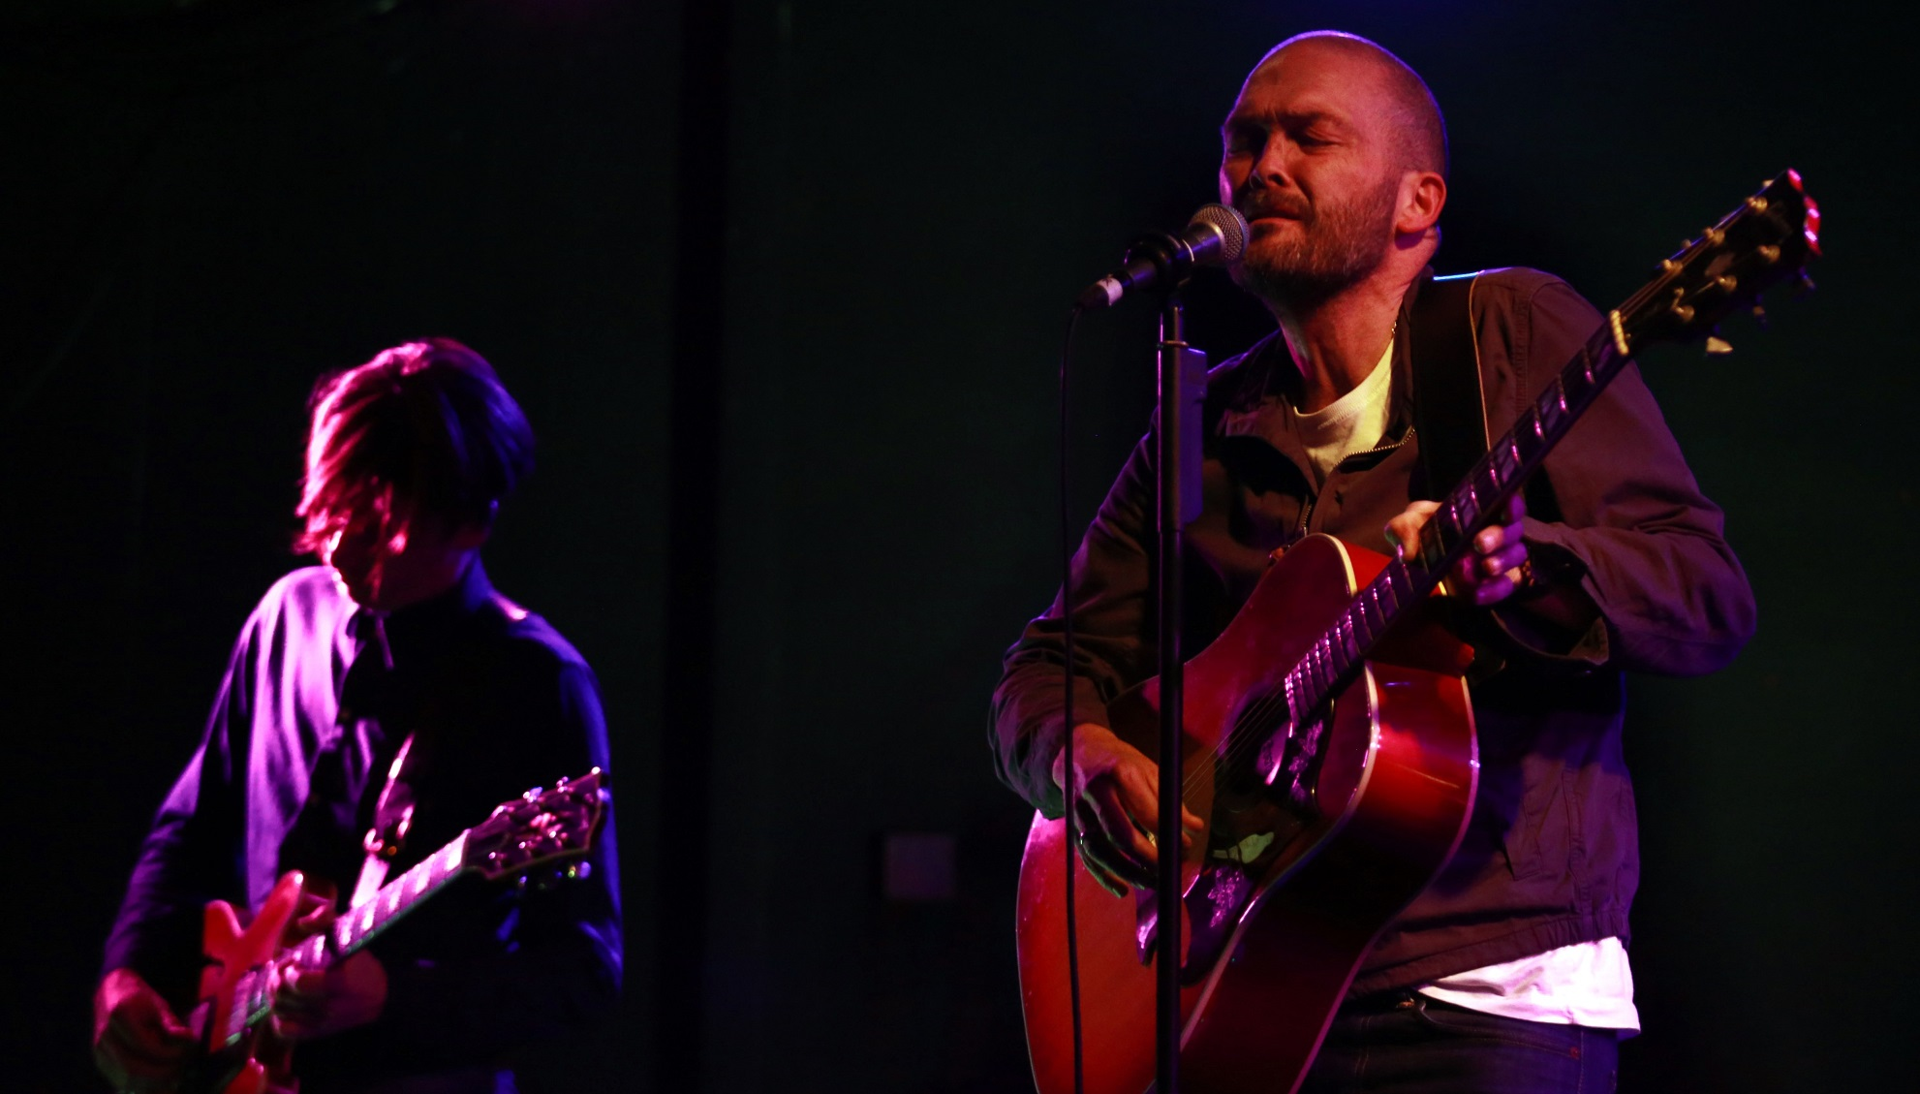 Ben Watt feat. Bernard Butler – Brudenell Social Club, Leeds, 14th November 2013